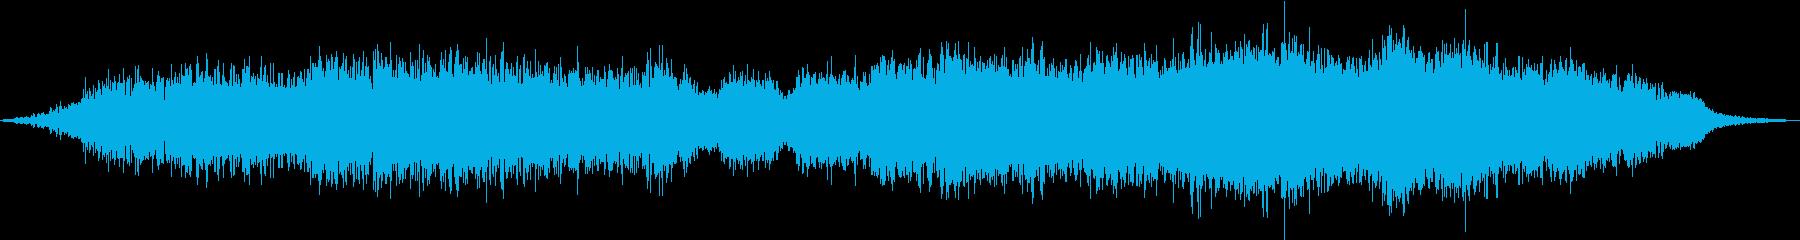 ダークなシーンの雰囲気にの再生済みの波形